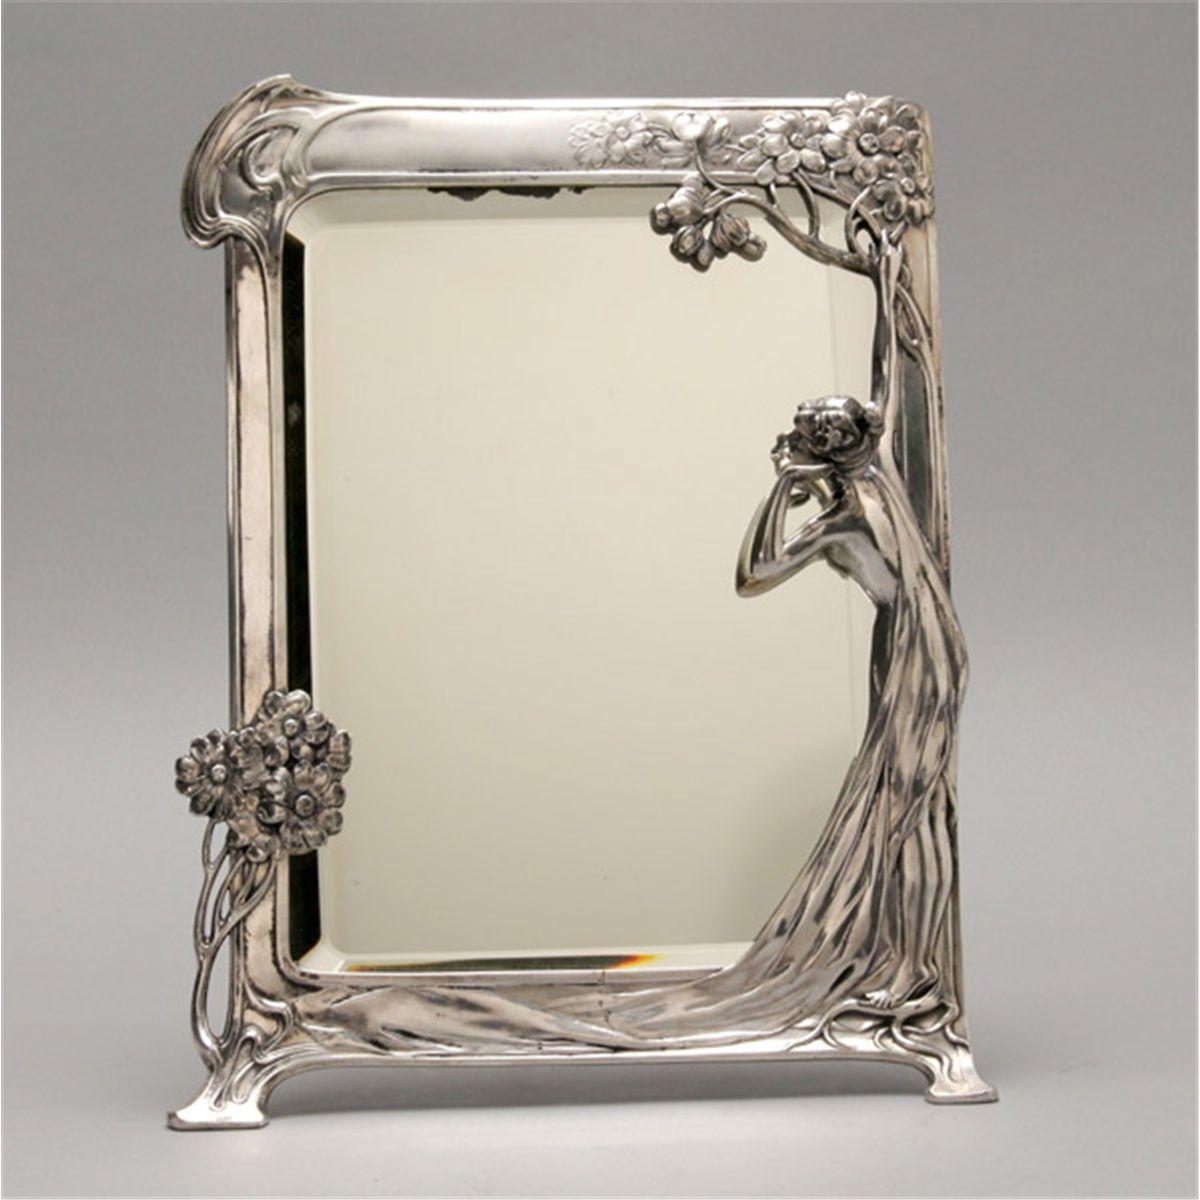 Art Nouveau Mirrors Google Pinterest Pewter Throughout Mirror Art Nouveau (Image 6 of 15)